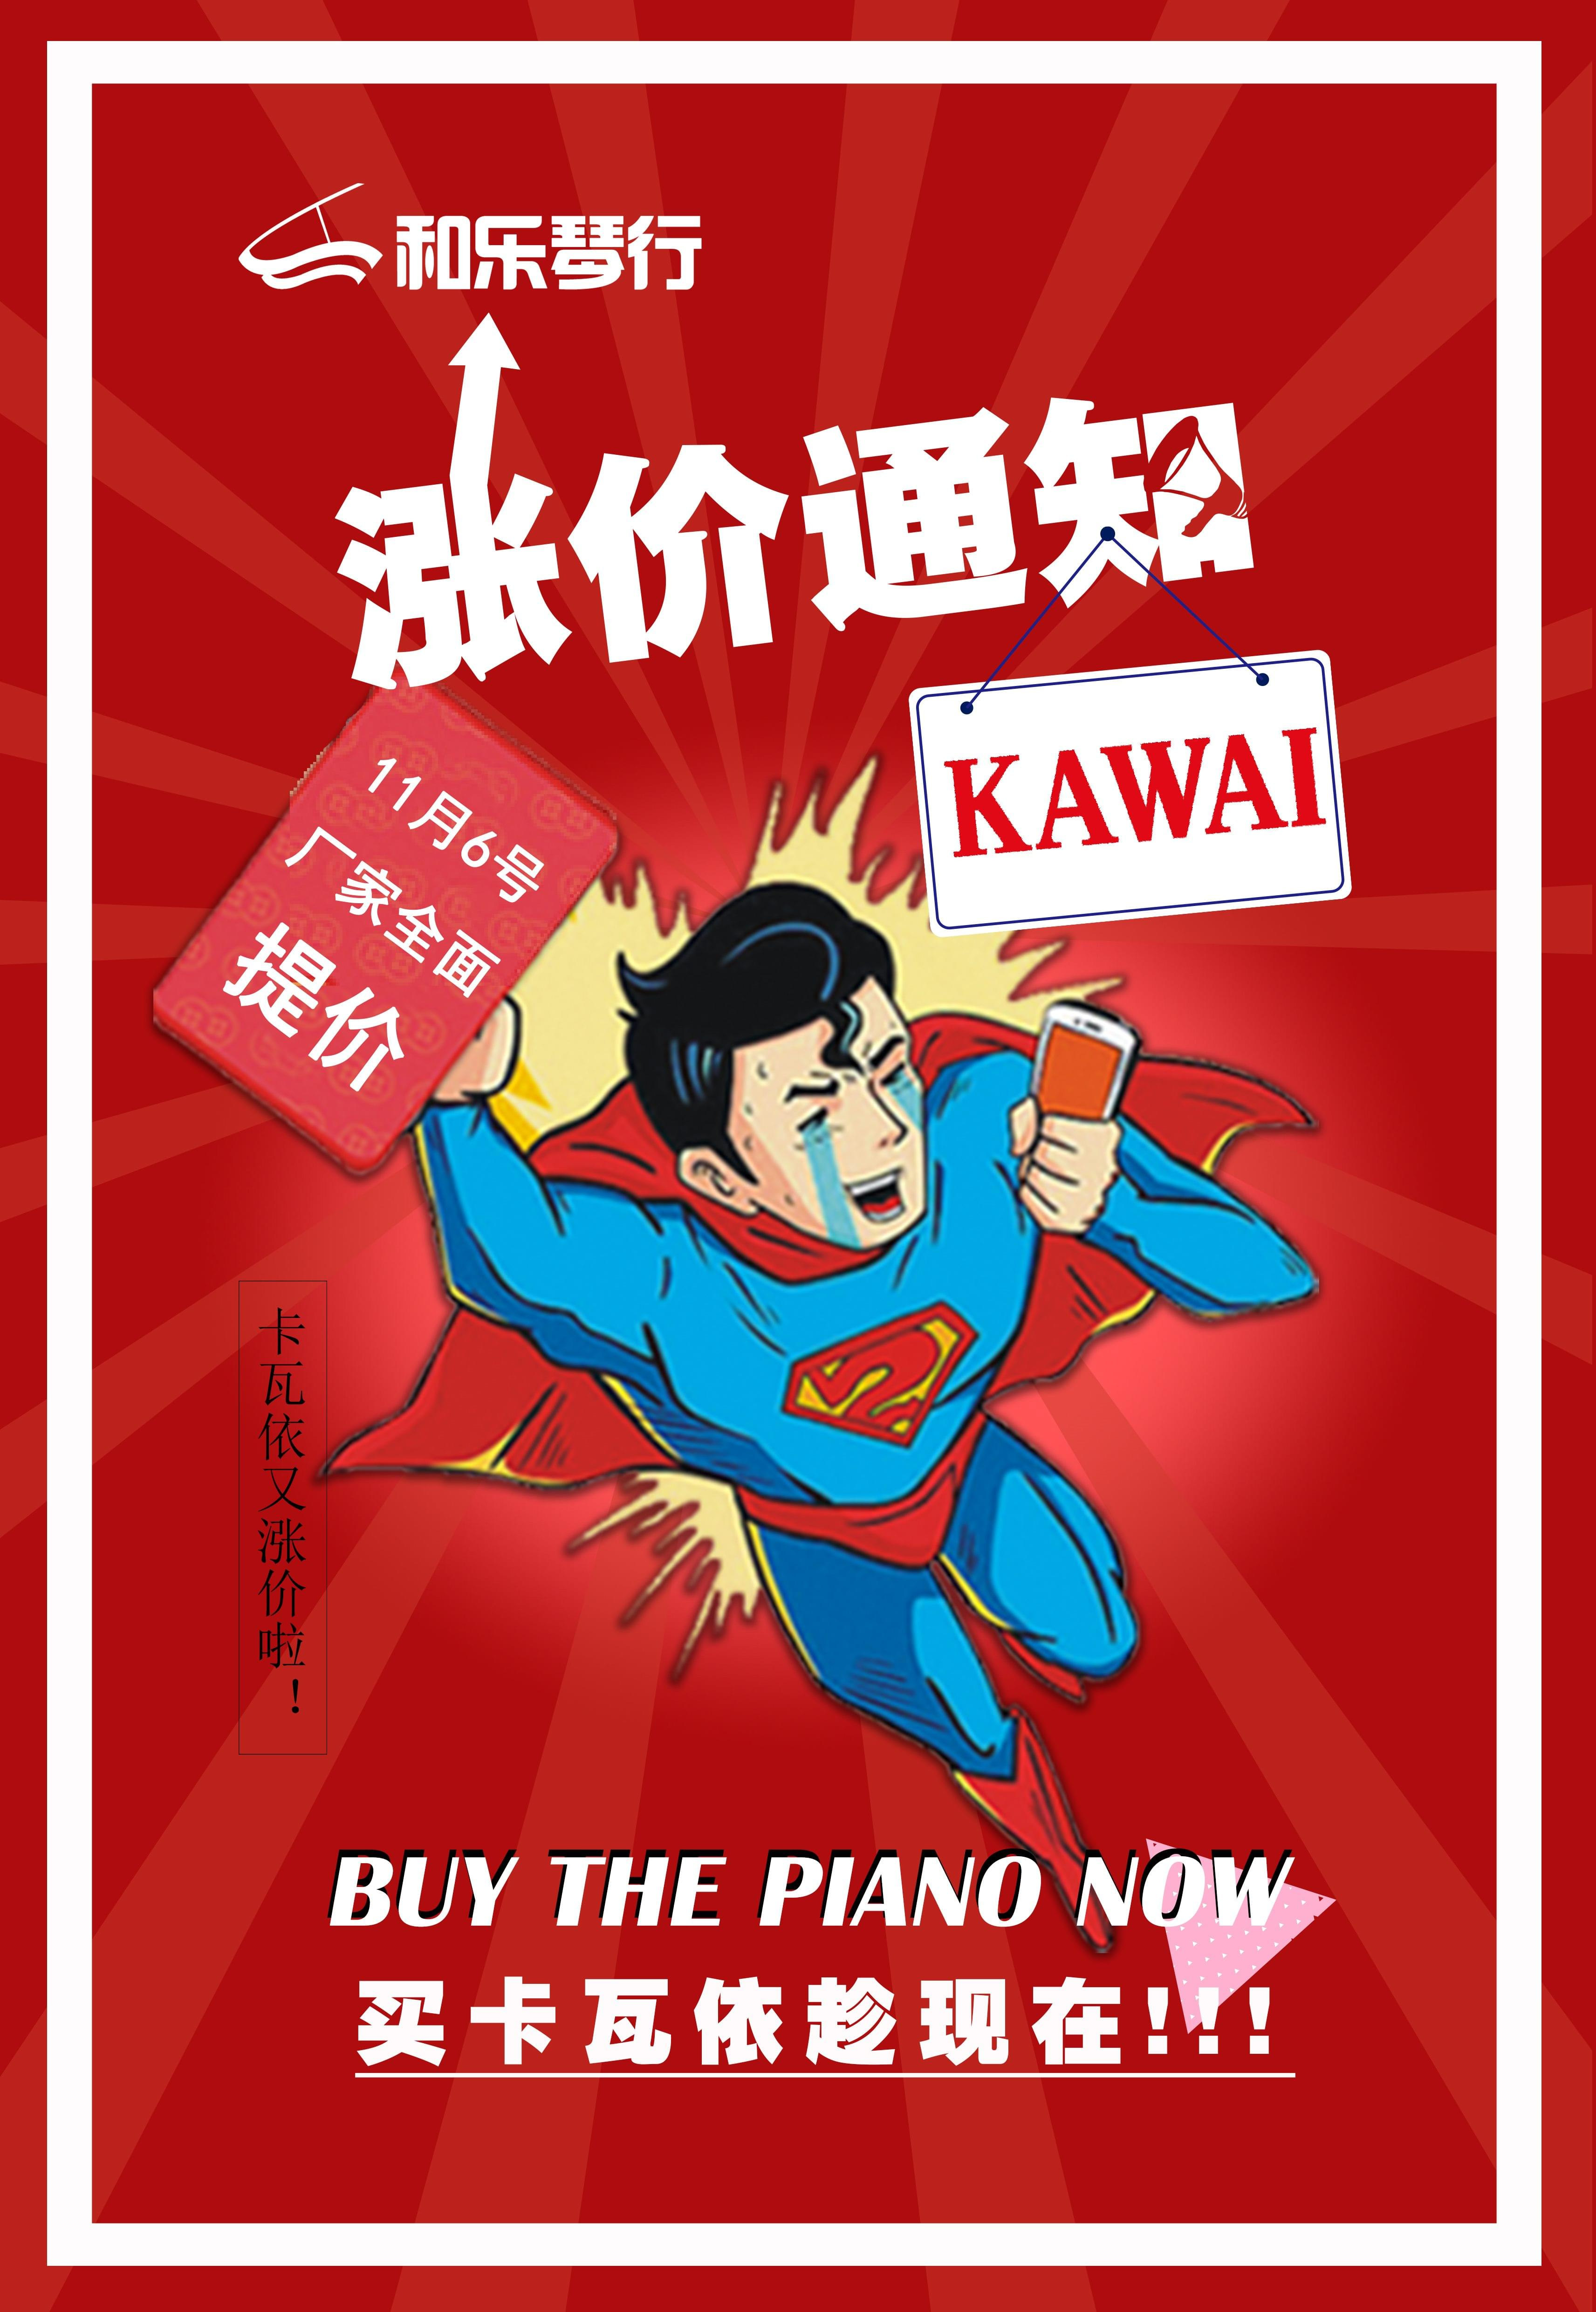 巨大冲击,卡瓦依钢琴又要涨价了,趁现在赶紧抢购吧